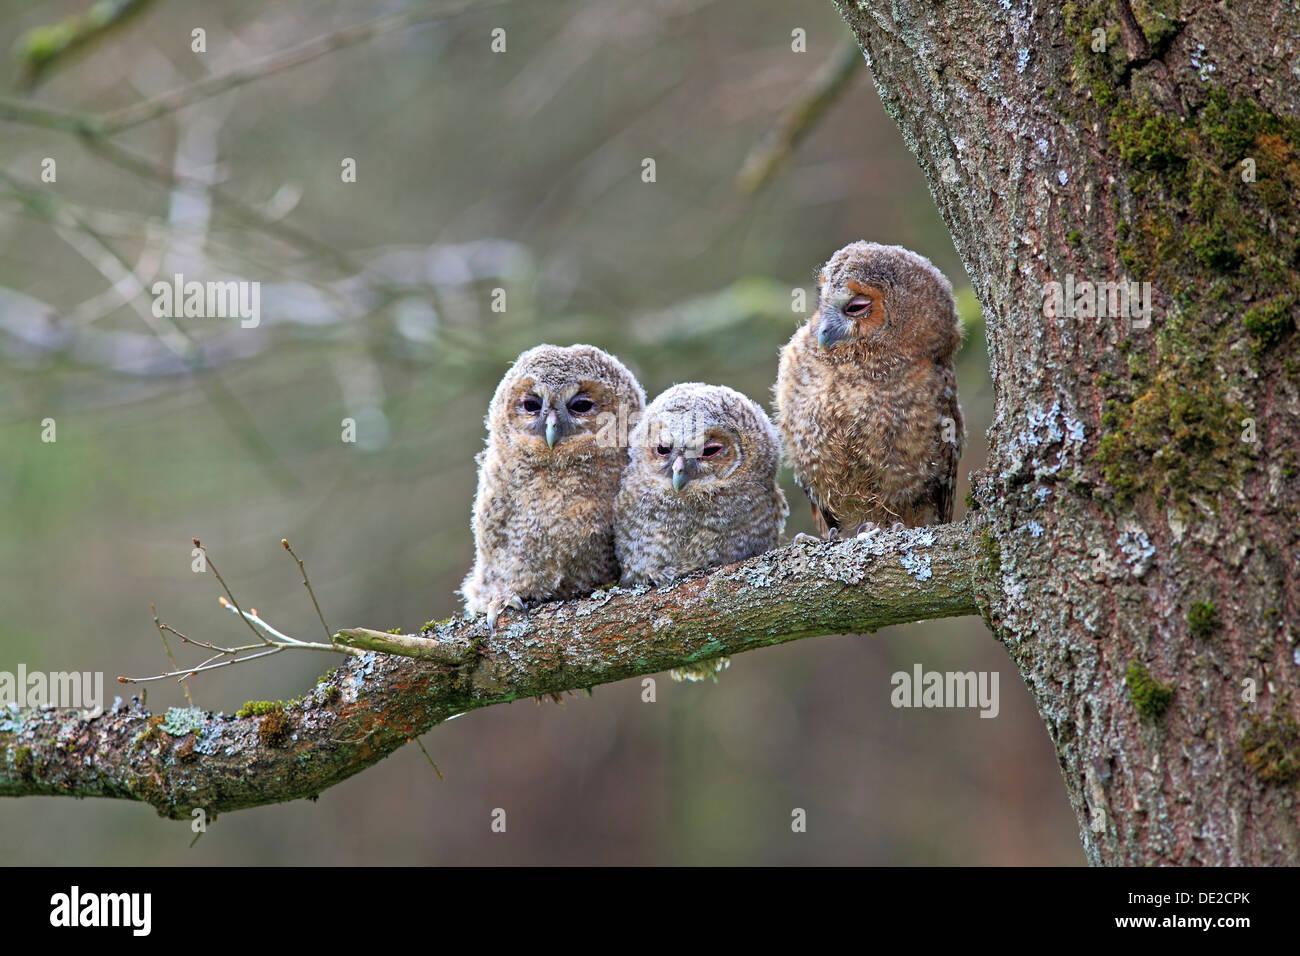 Drei junge Waldkäuze oder braun Eulen (Strix Aluco) thront auf einem Baum, Solms, Lahn-Dill-Kreis, Westerwald, Hessen, Deutschland Stockbild